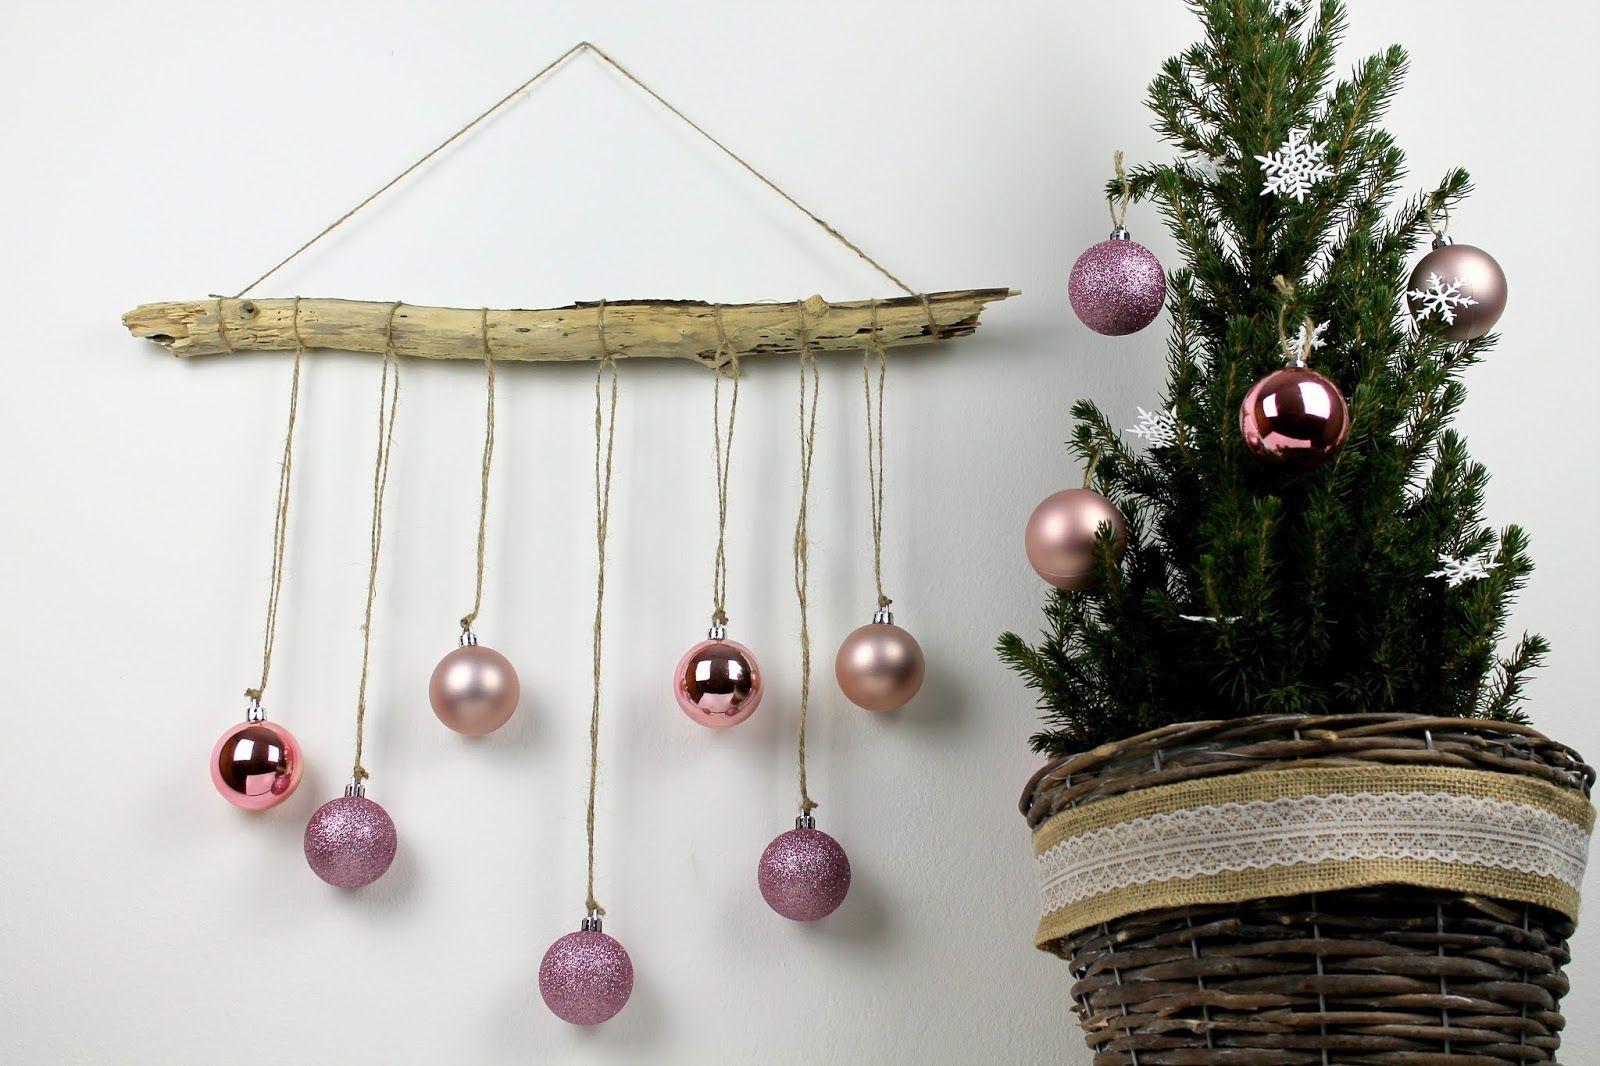 diy ausgefallene weihnachtliche wanddekoration aus treibholz mit christbaumkugeln selber machen. Black Bedroom Furniture Sets. Home Design Ideas